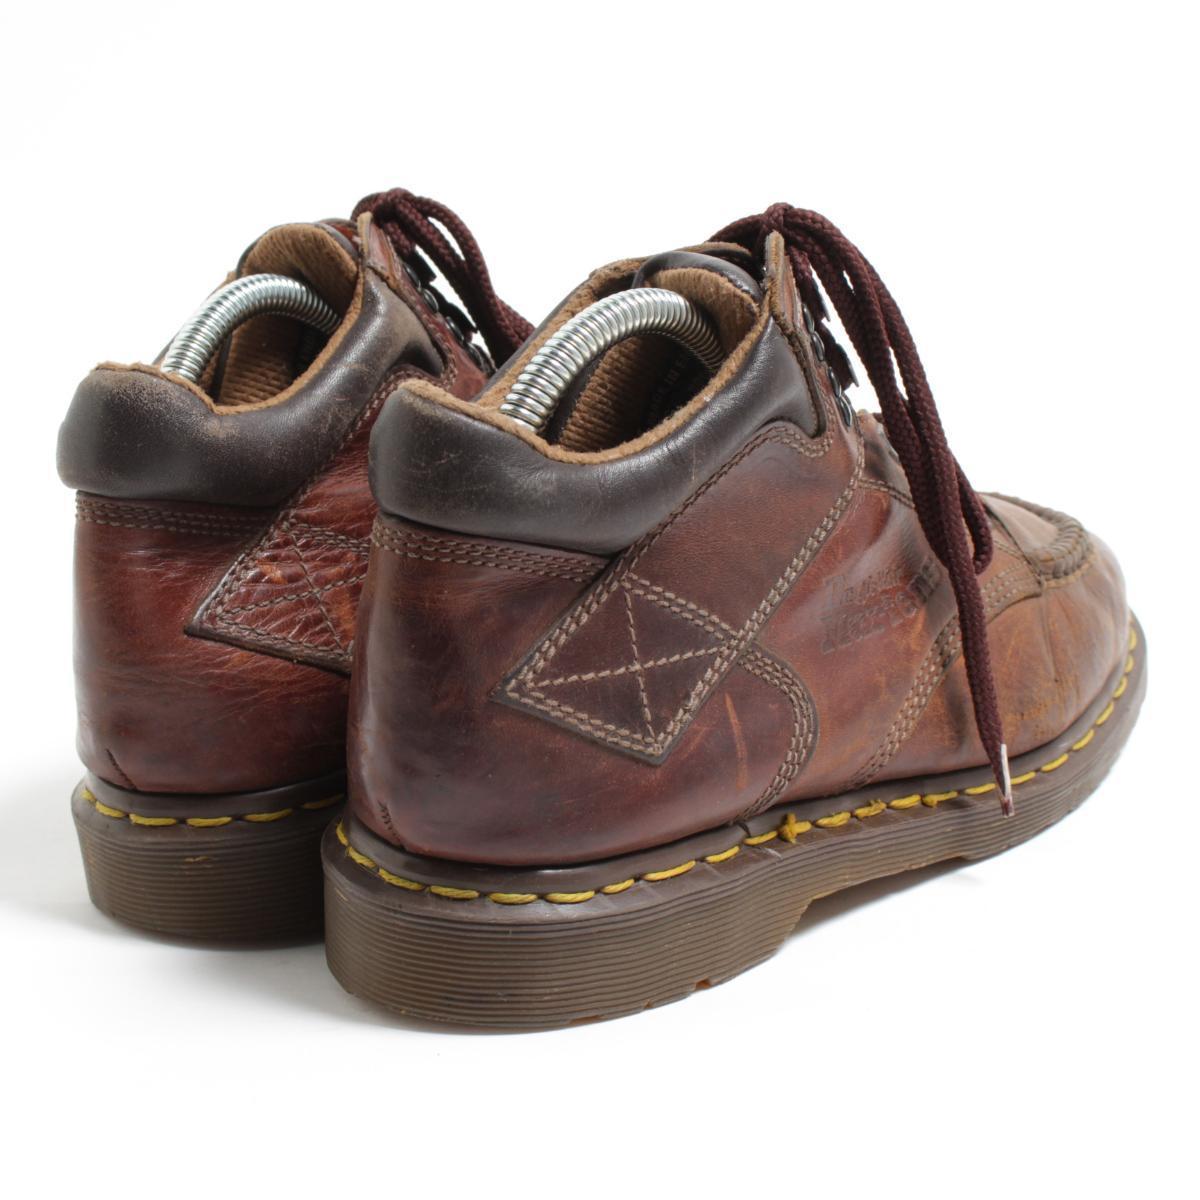 UK8 men 26.5cm /bom6824 made in the doctor Martin Dr.Martens 8060 moccasins boots U.K.